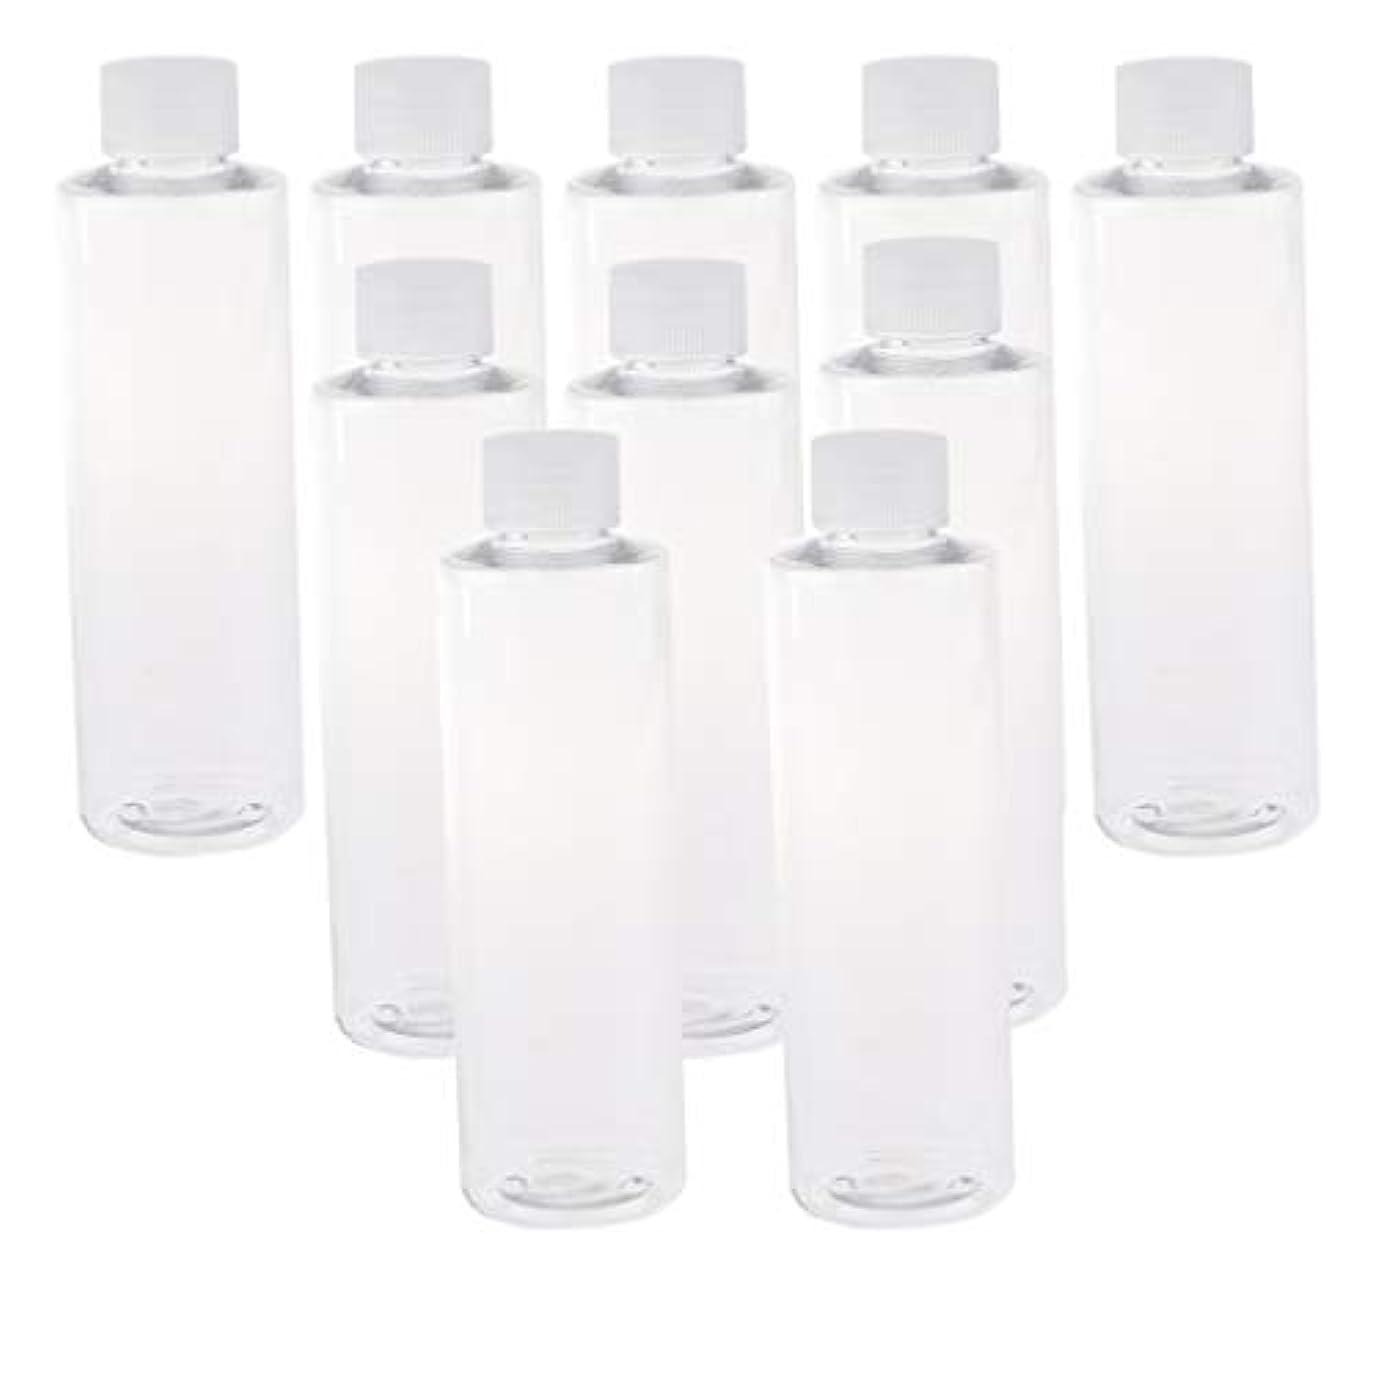 海里ウィンク生まれ全3色 200ミリリットル PETボトル 空のボトル プラスチックボトル 詰替え容器 - クリアキャップ